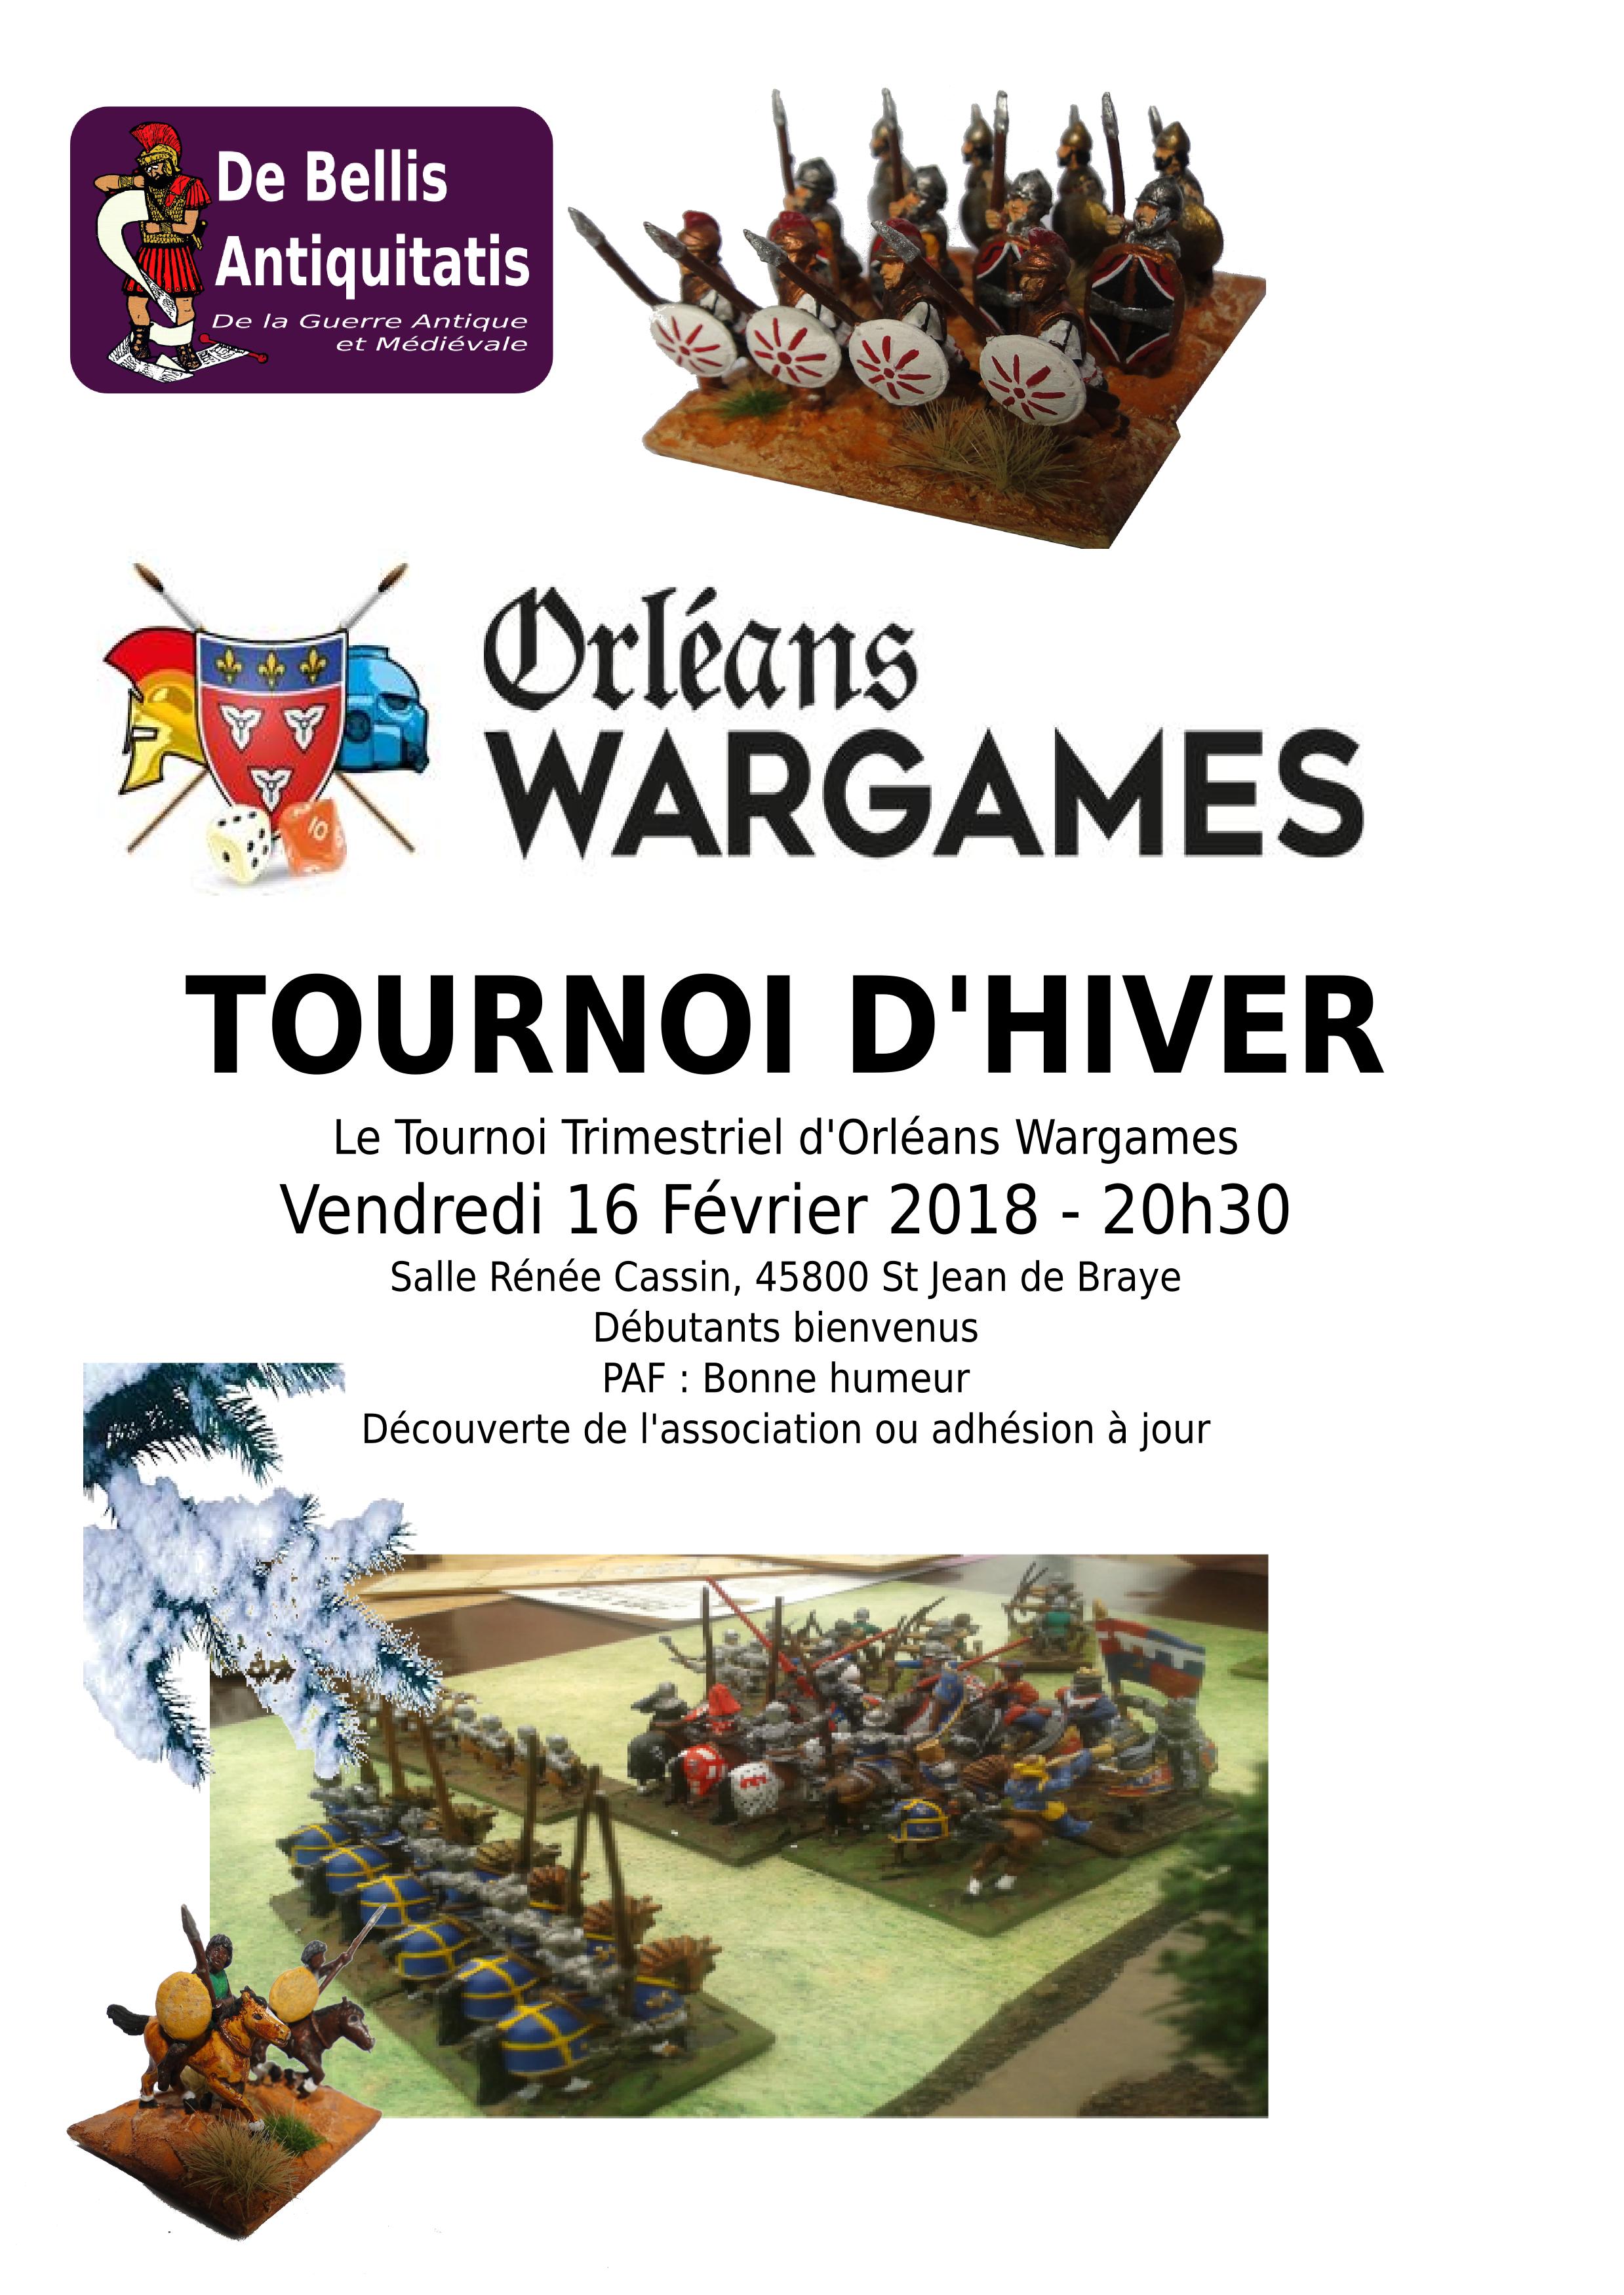 Orléans Wargames, un tournoi, une calotte !